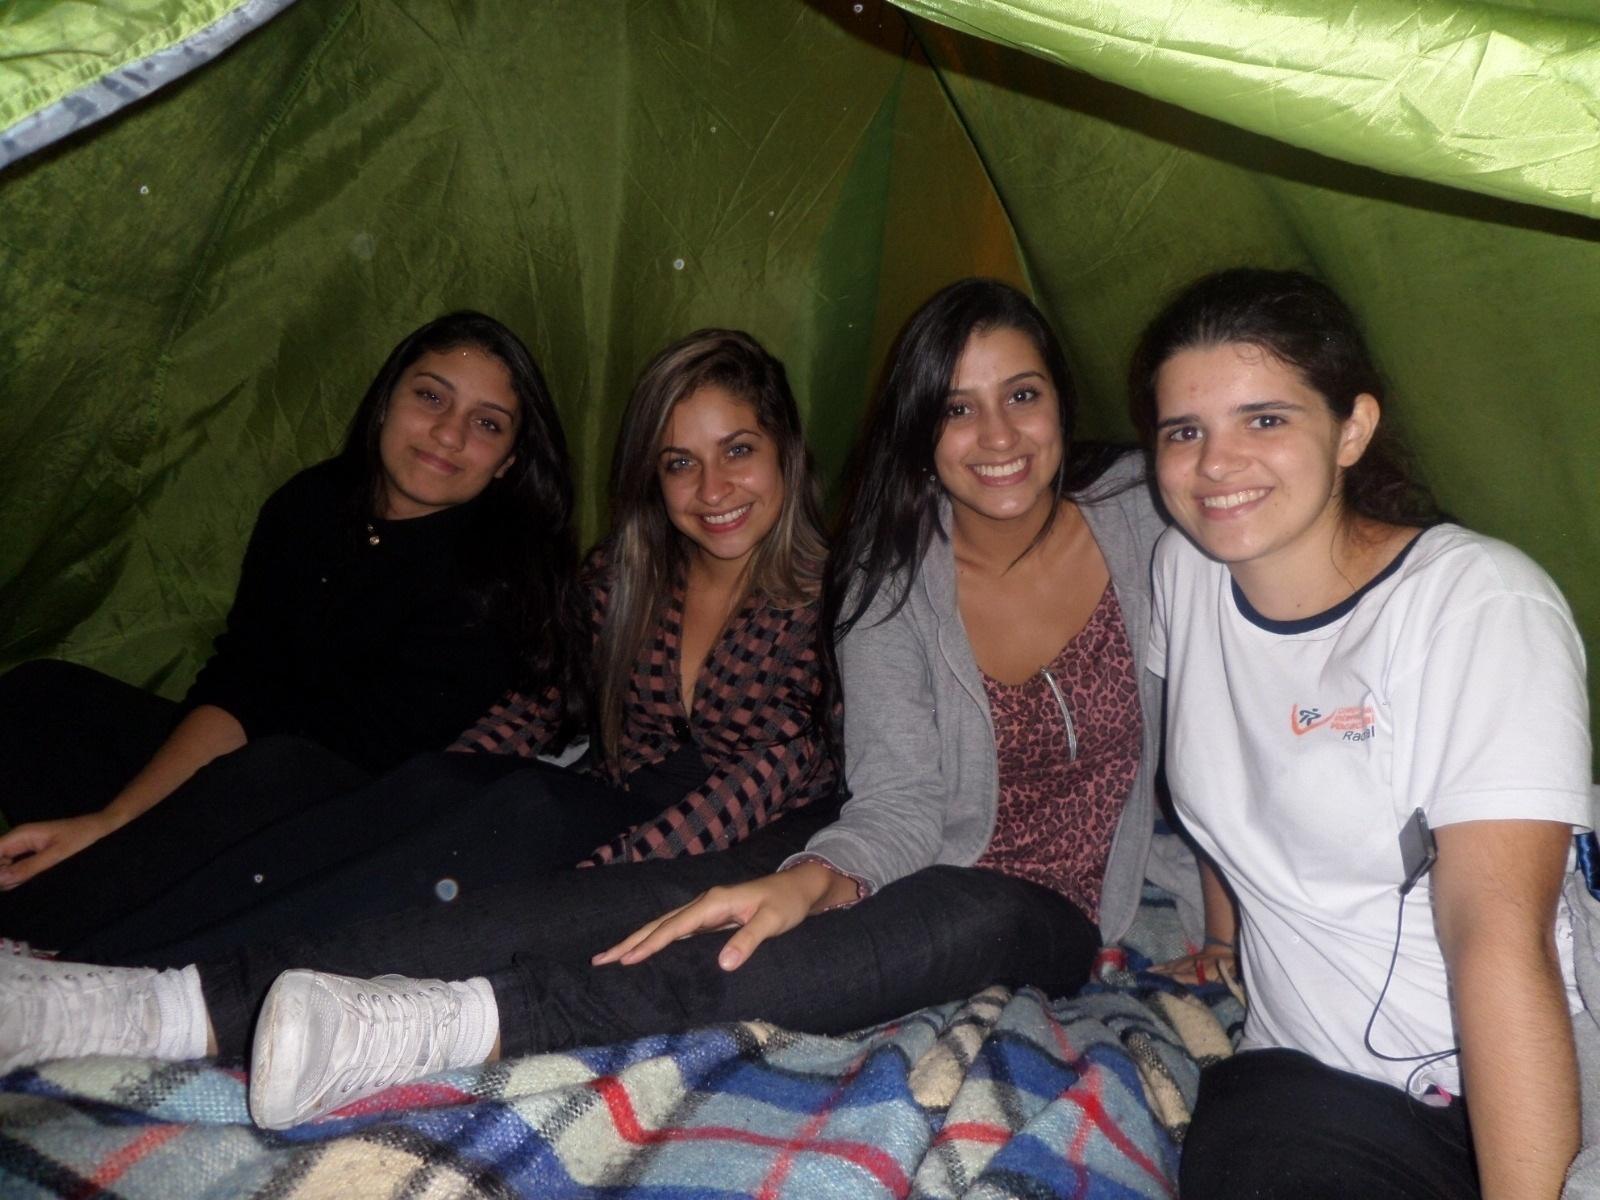 16.abr.2014 - As primas Lourraine, 17, Caroline, 19 e Bárbara Rodrigues, 14, são fãs de Avril Lavigne e dividem a barraca com a fã de Demi Lovato Beatriz Moreira, de 15 anos